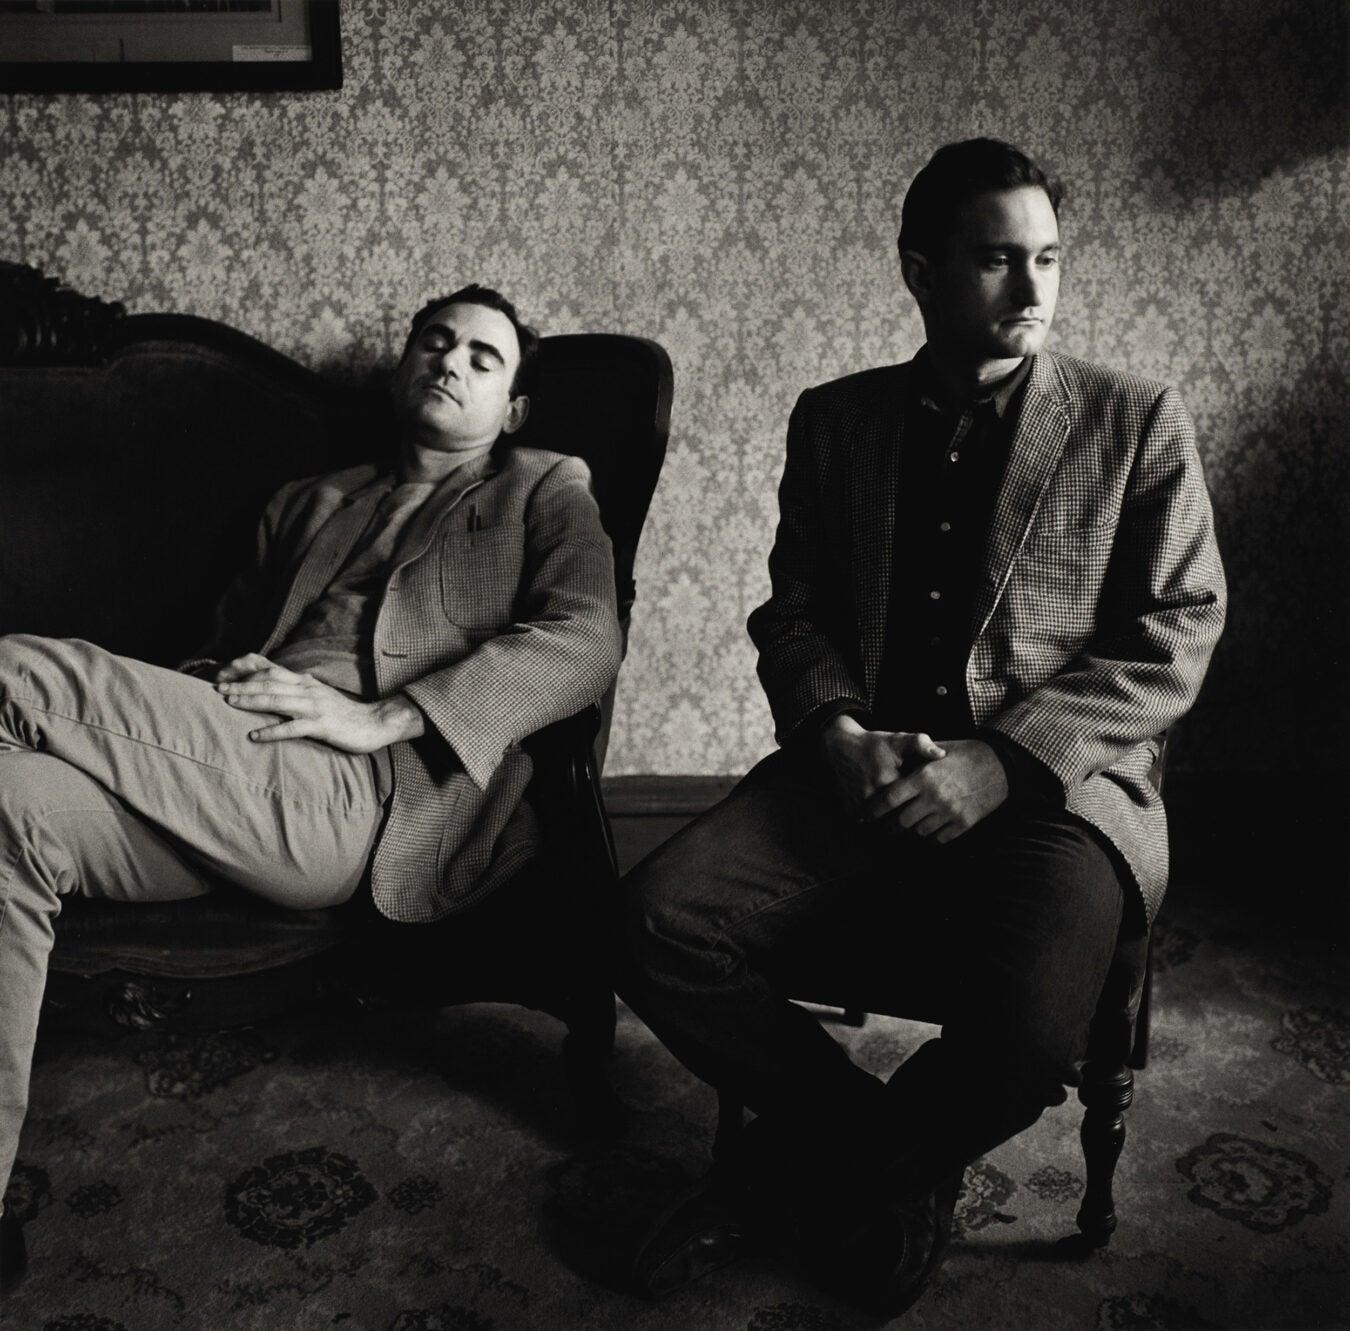 Peter Hujar, John Erdman and Gary Schneider at Mohonk Mountain House, 1984.